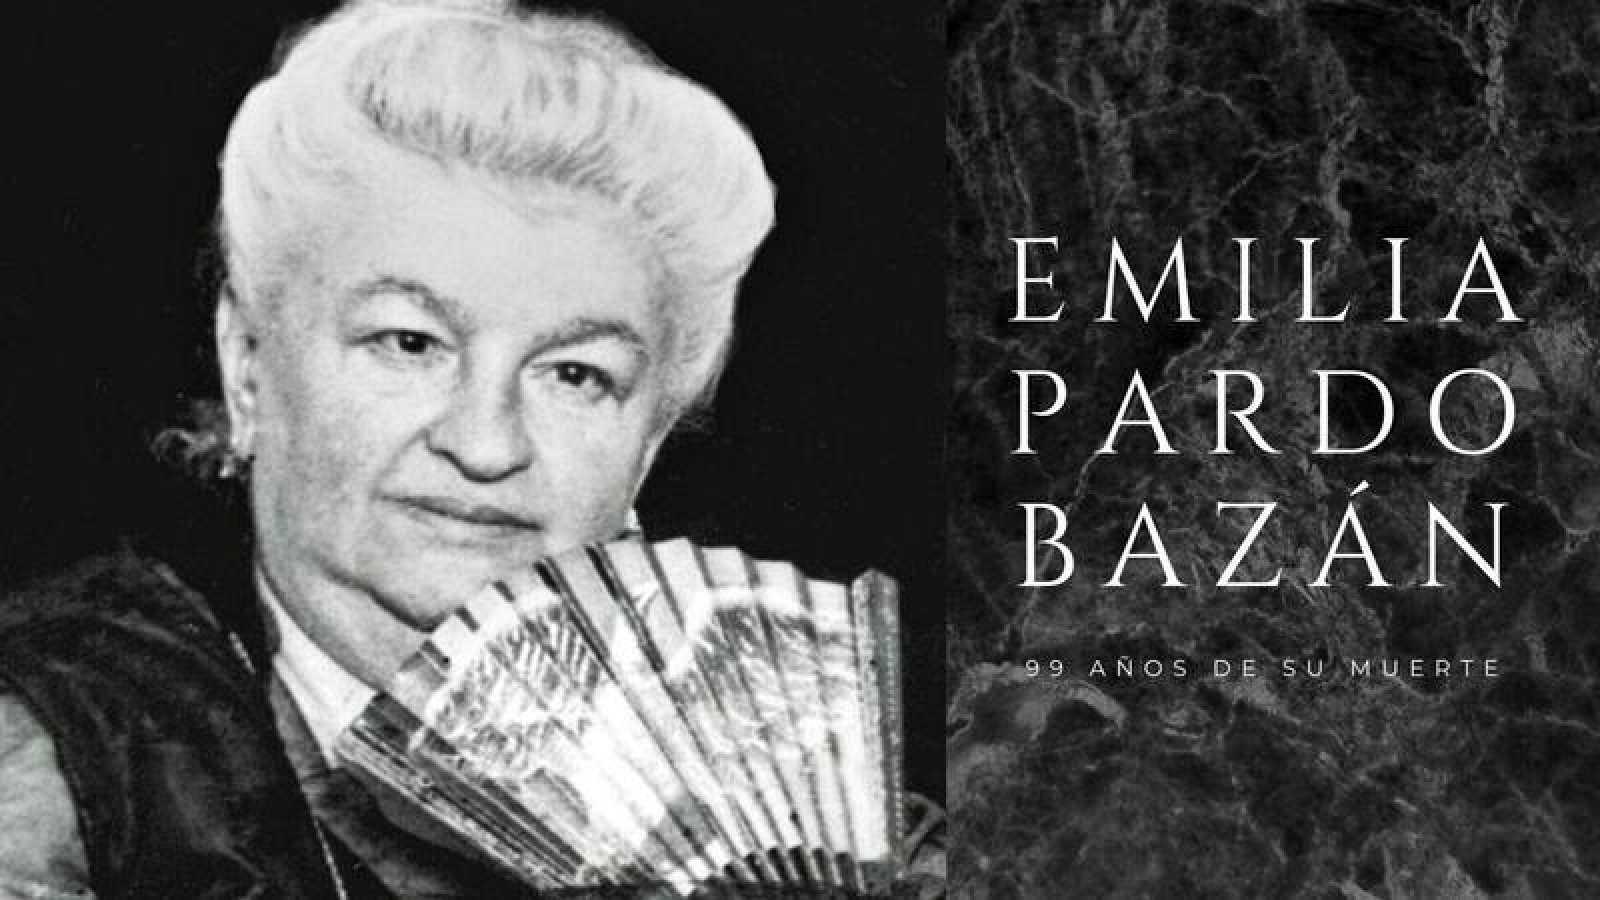 Emilia Pardo Bazán, vida y obra